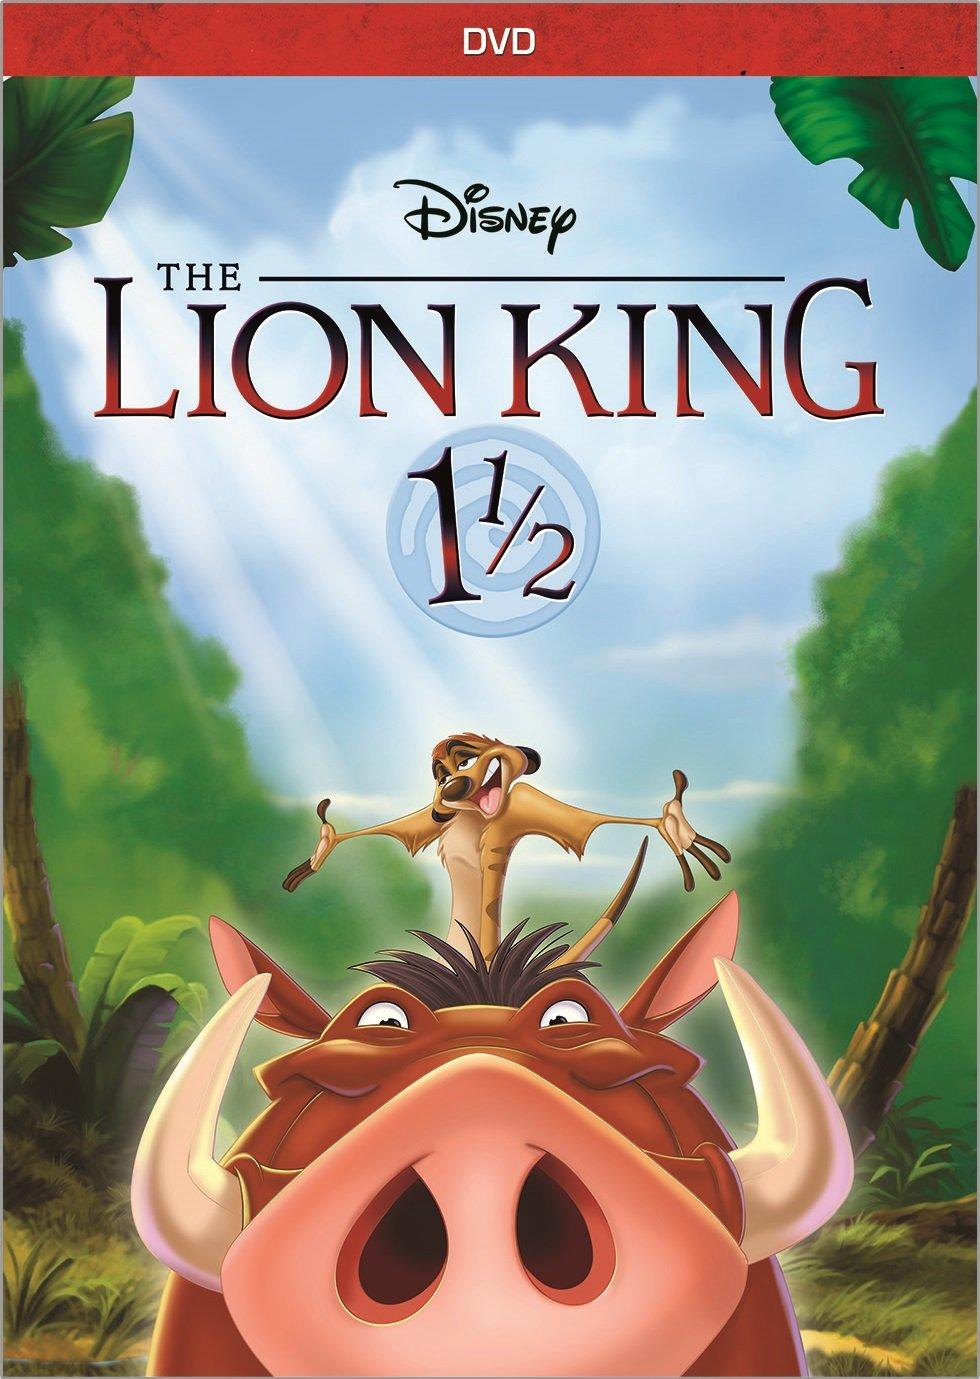 The Lion King 1 1/2 (Bilingual) Jerry Stiller Julie Kavner Ernie Sabella Matthew Broderick